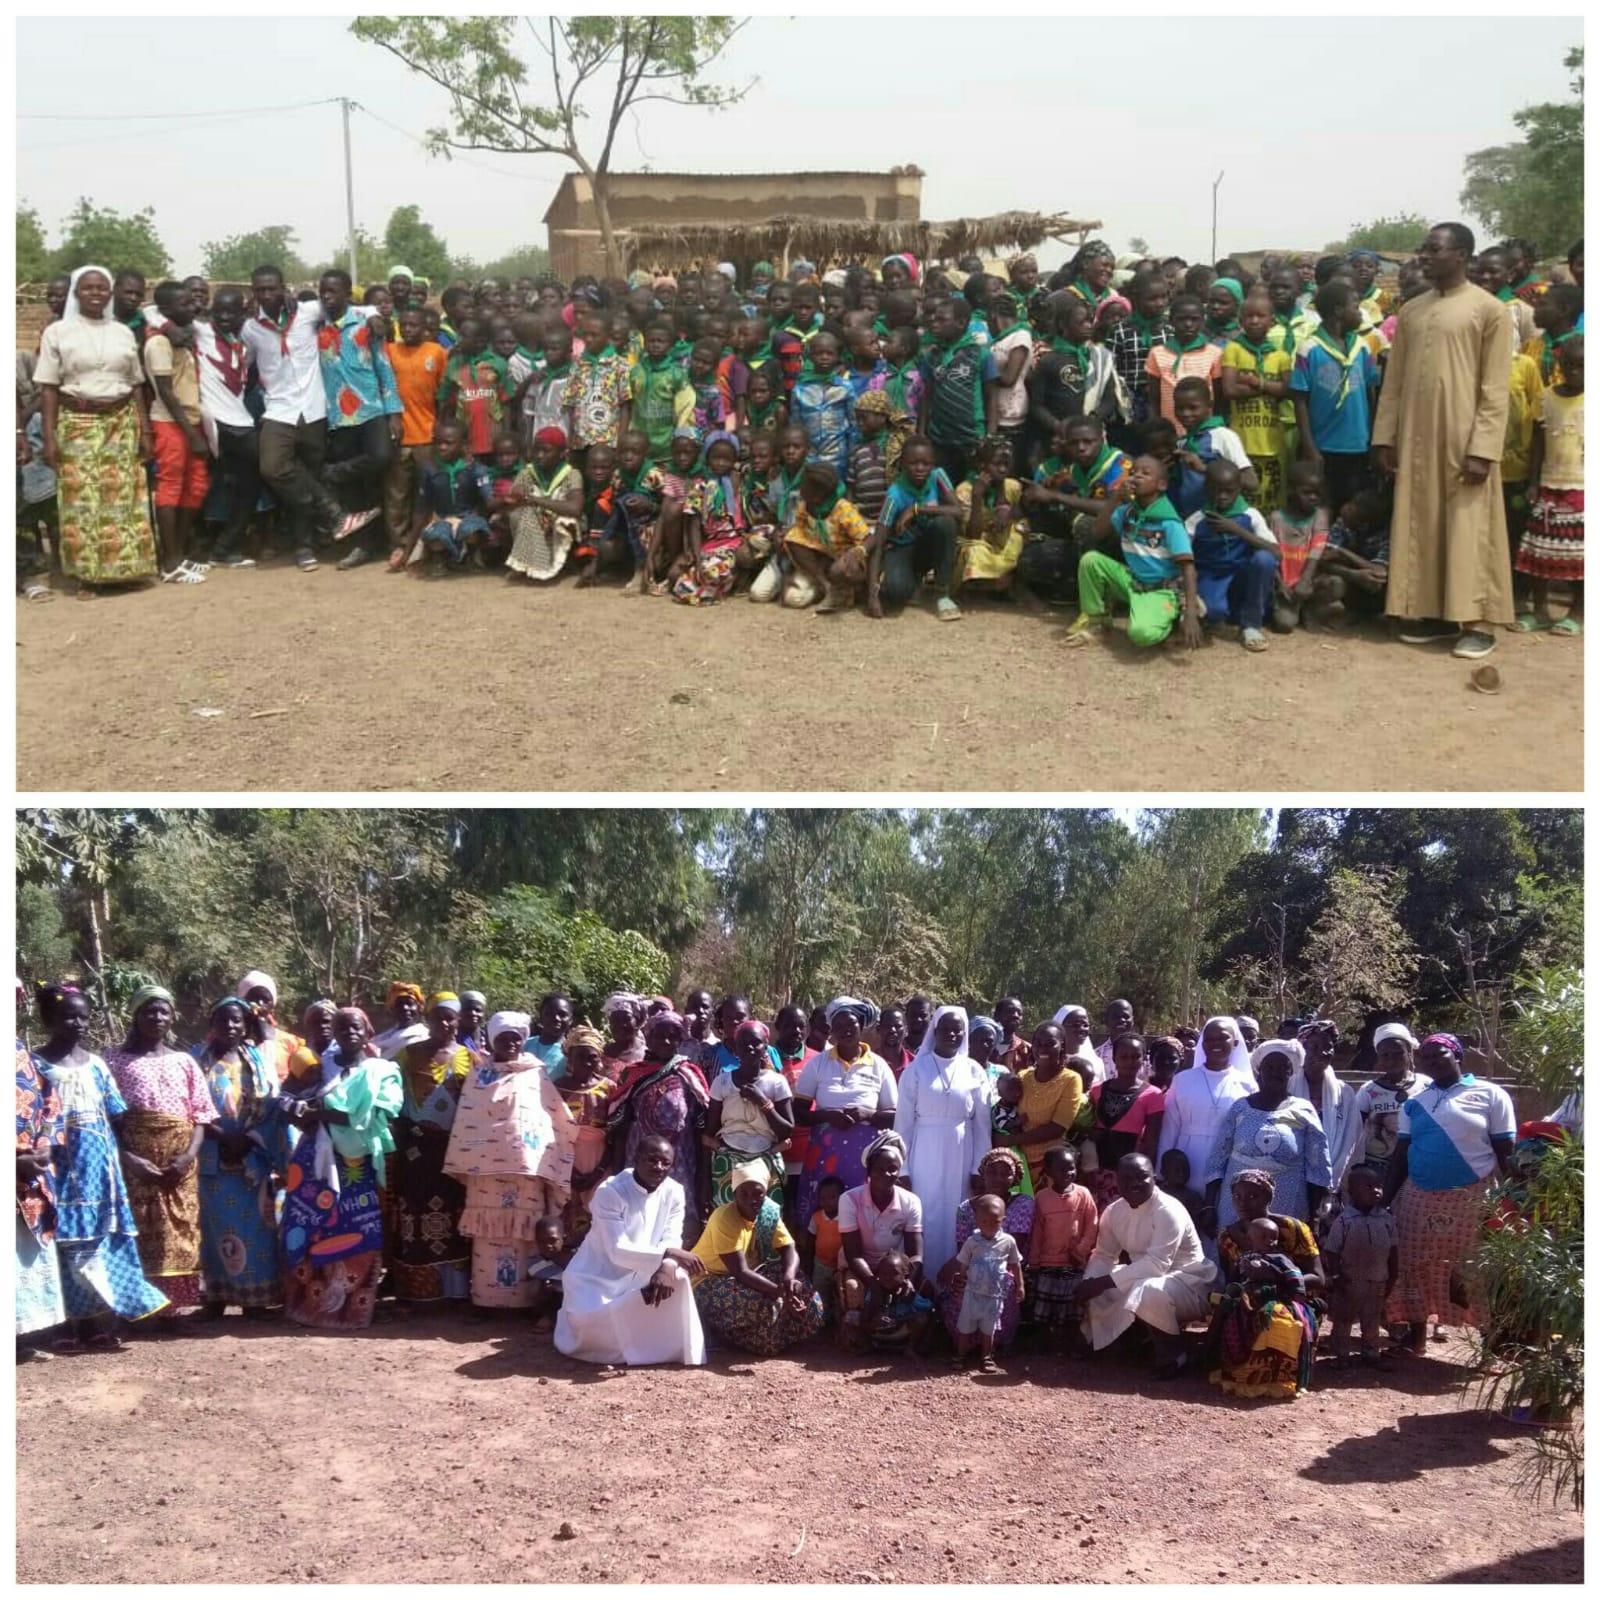 Kinder und Frauen, die von den Schwestern begleitet werden.